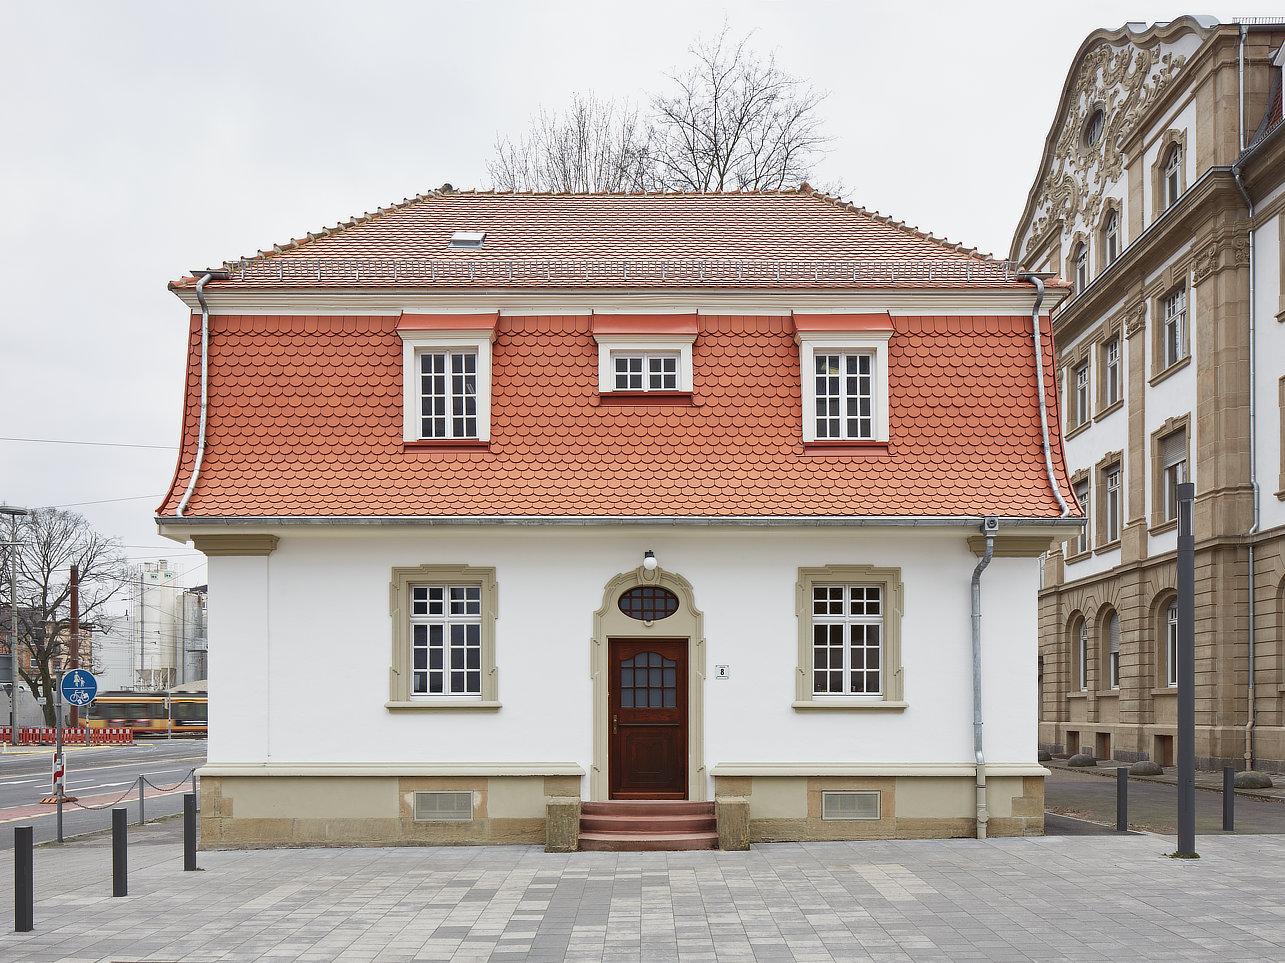 sanierung pförtnerhauskit campus südgebäude 50.25planung:schelling architektensteinstraße 2376133 karlsruhewww.schelling-architekten.de